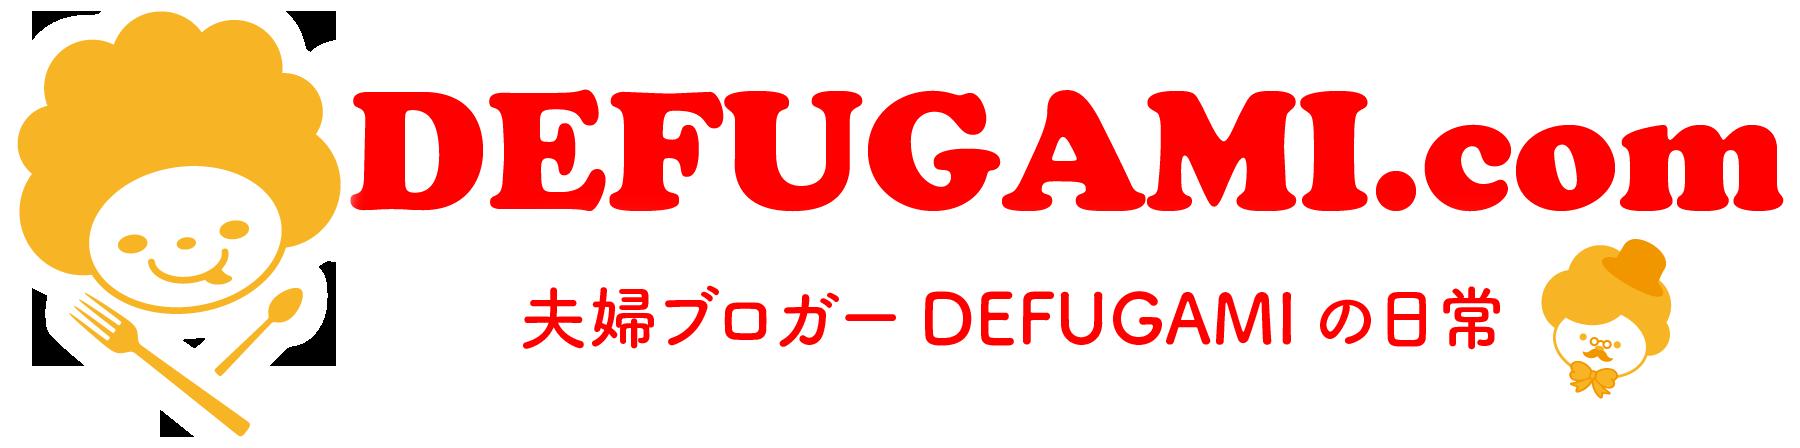 DEFUGAMI.com 夫婦ブロガーのDEFUGAMIの日常